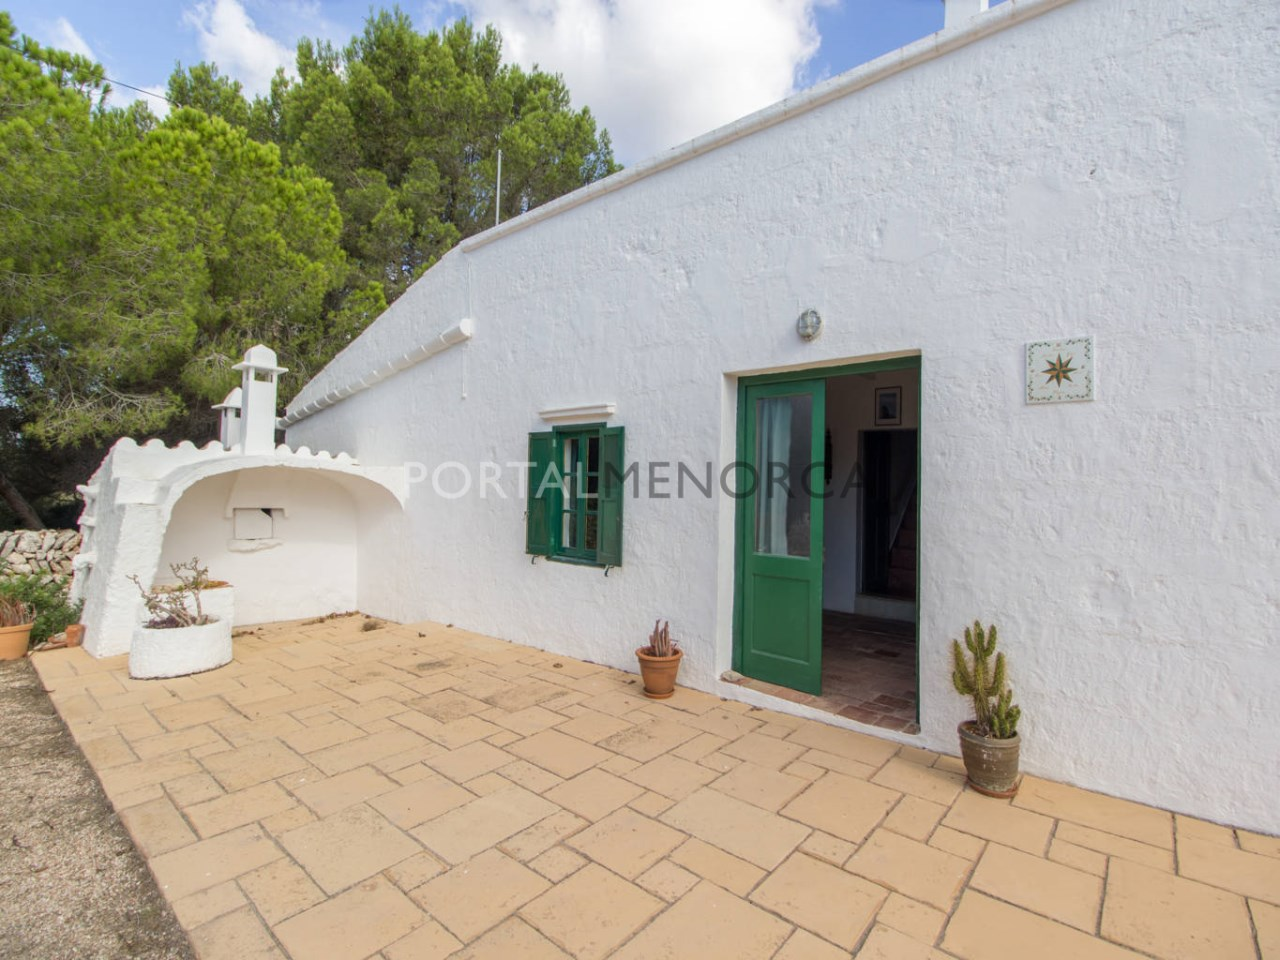 Casa de campo con gran terreno en venta en Menorca